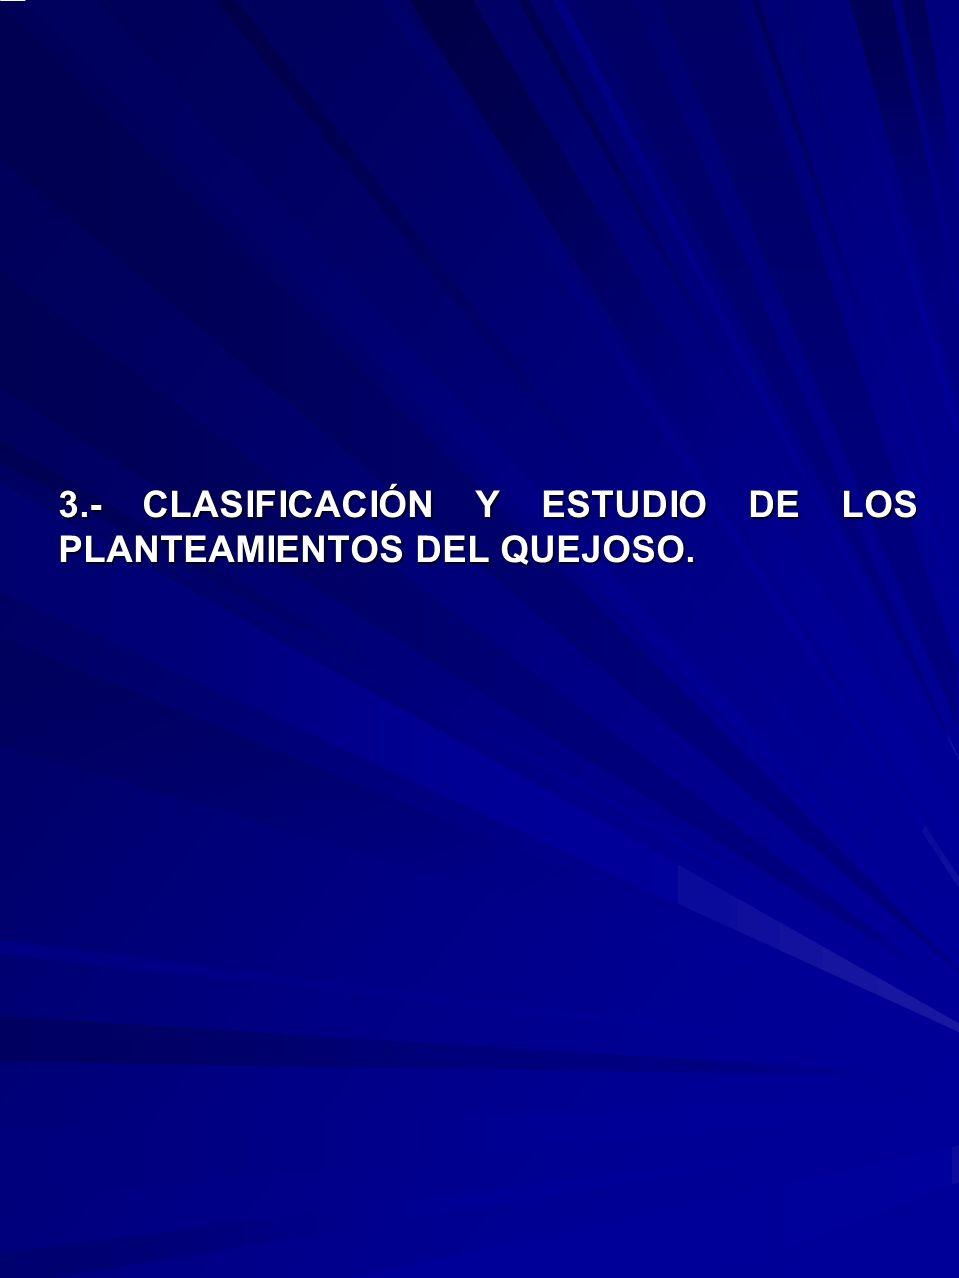 3.- CLASIFICACIÓN Y ESTUDIO DE LOS PLANTEAMIENTOS DEL QUEJOSO.